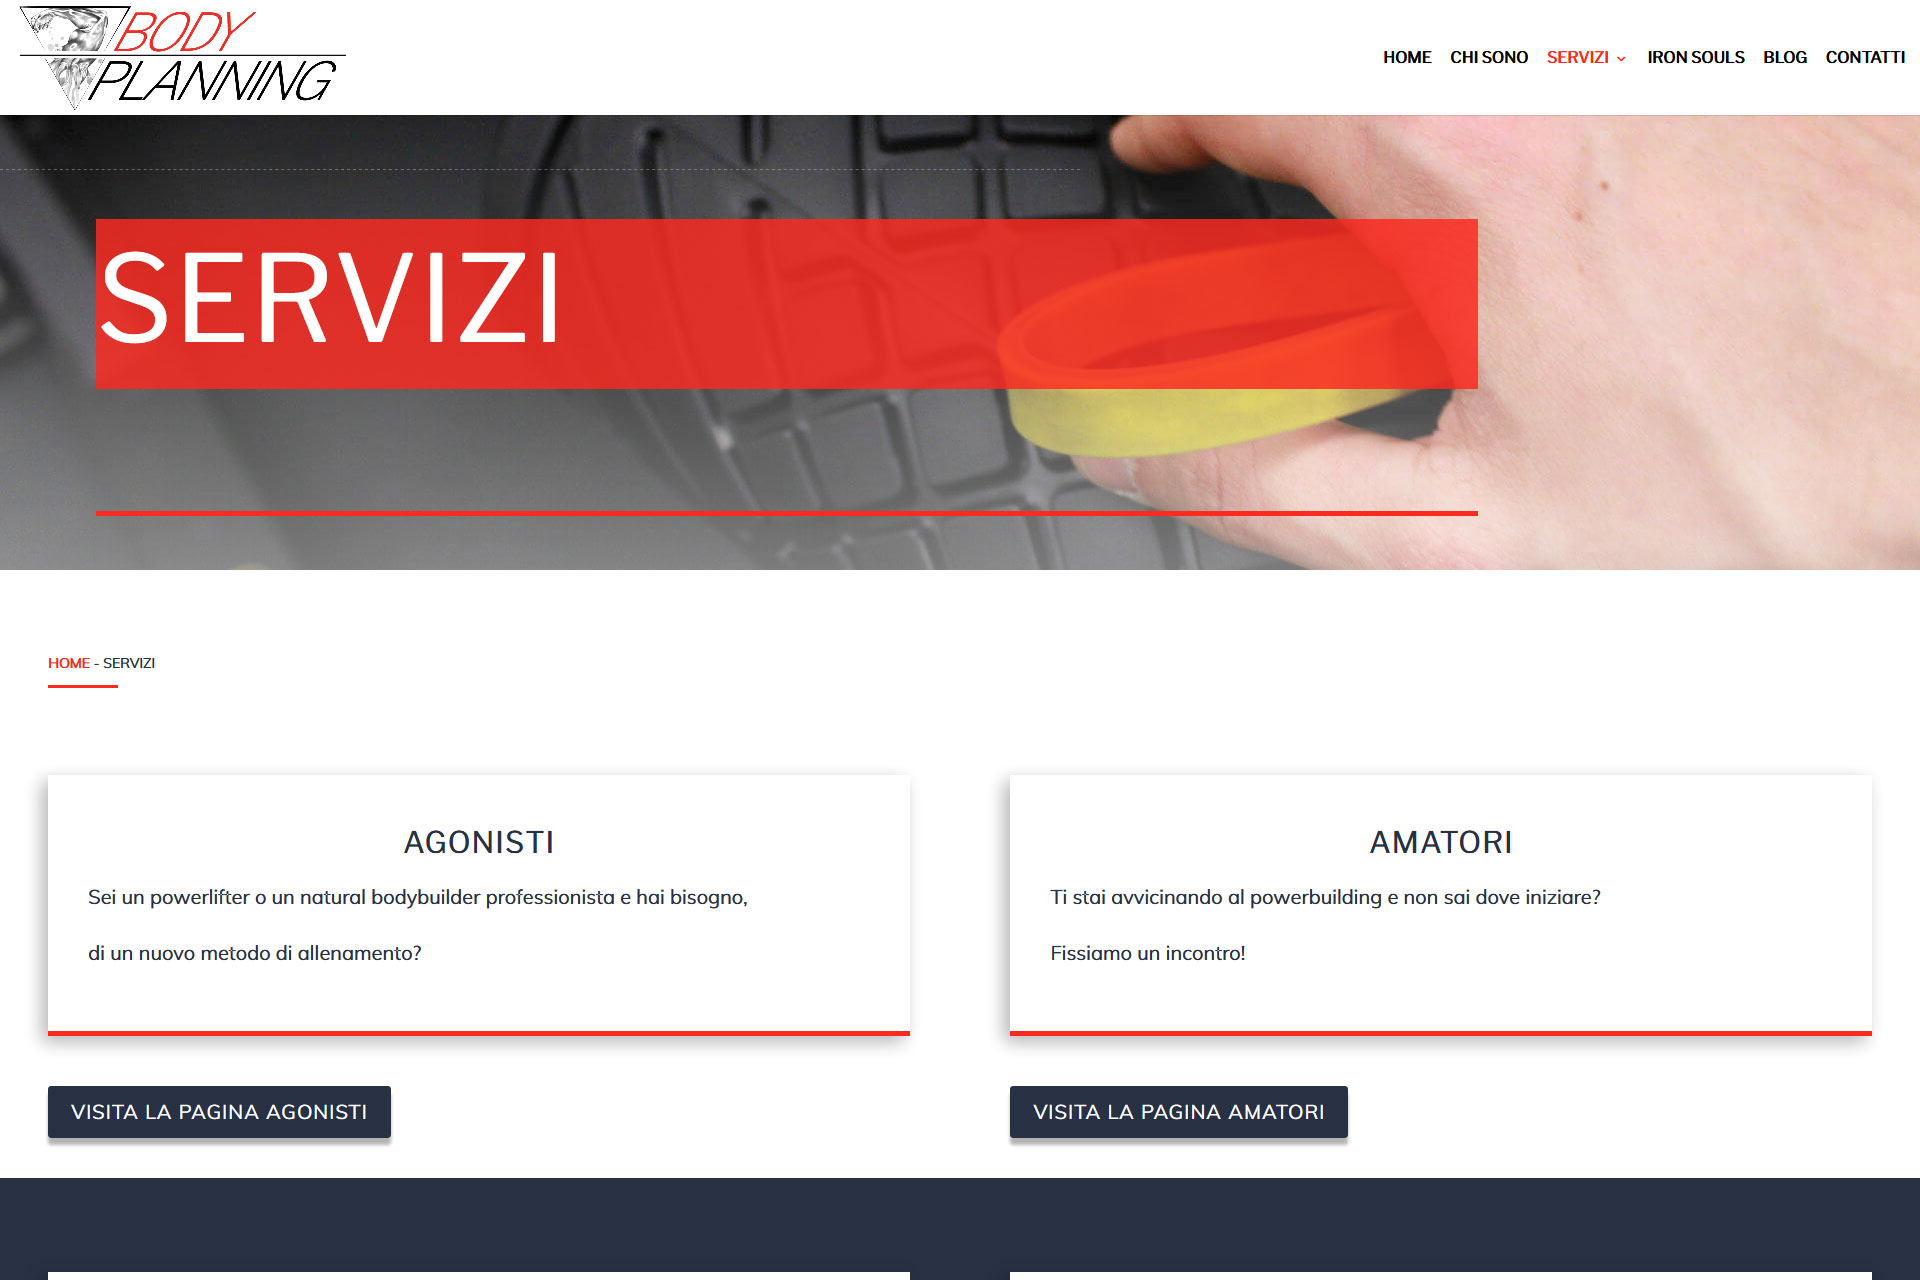 lv-design-realizzazione-siti-web-bologna-portfolio-body-planning-slide-3